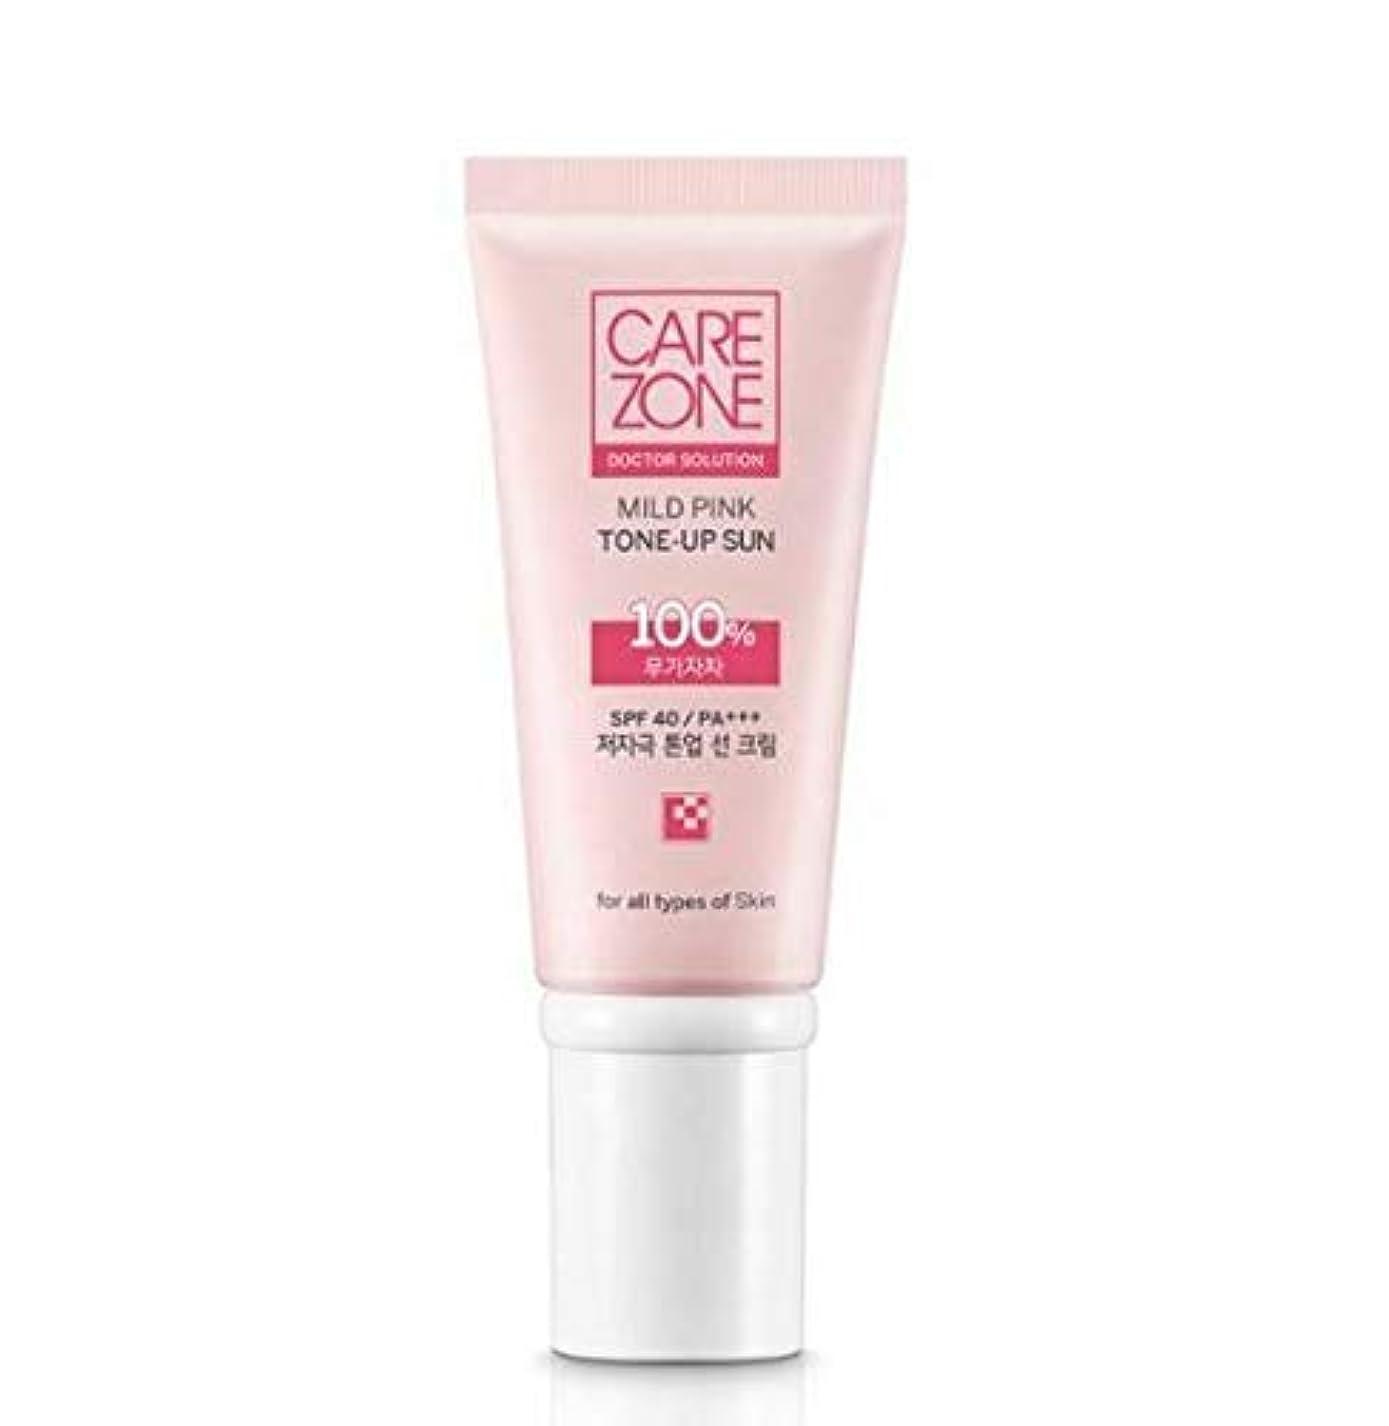 騙す誰通行料金ケアゾーン CAREZONE Doctor Solution マイルドピンクトーンアップサン 50ml SPF40/PA+++ Mild Pink Tone-Up Sun